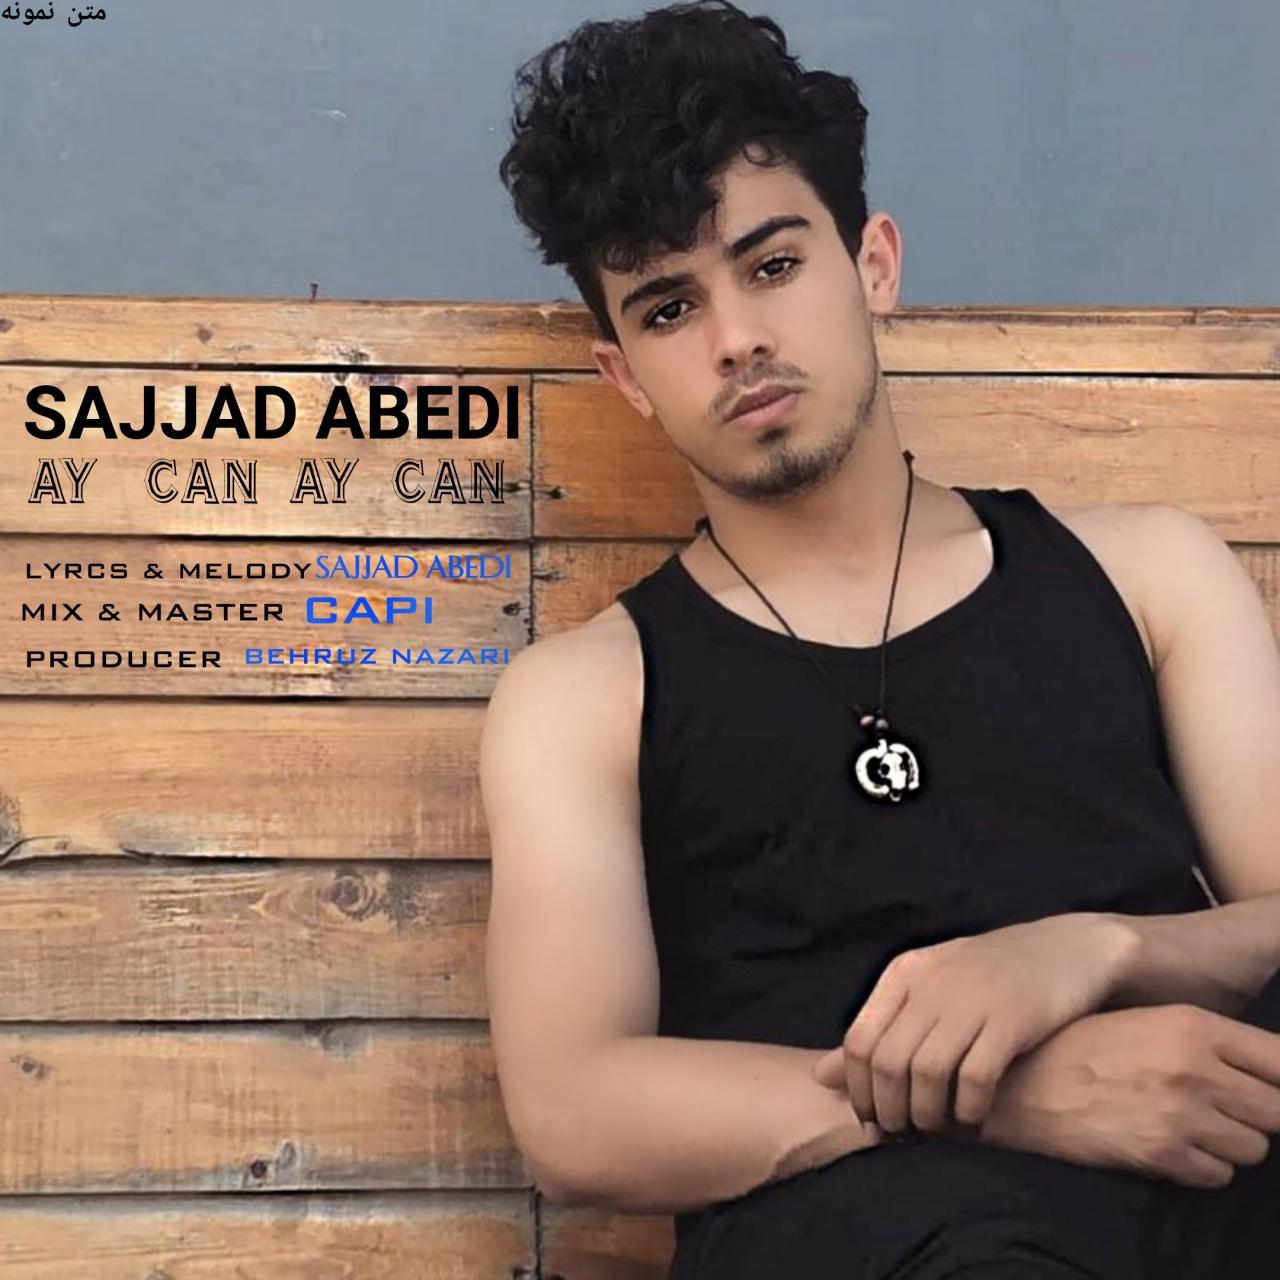 http://s6.picofile.com/file/8382391892/14Sajjad_Abedi_Ay_Can_Ay_Can.jpg